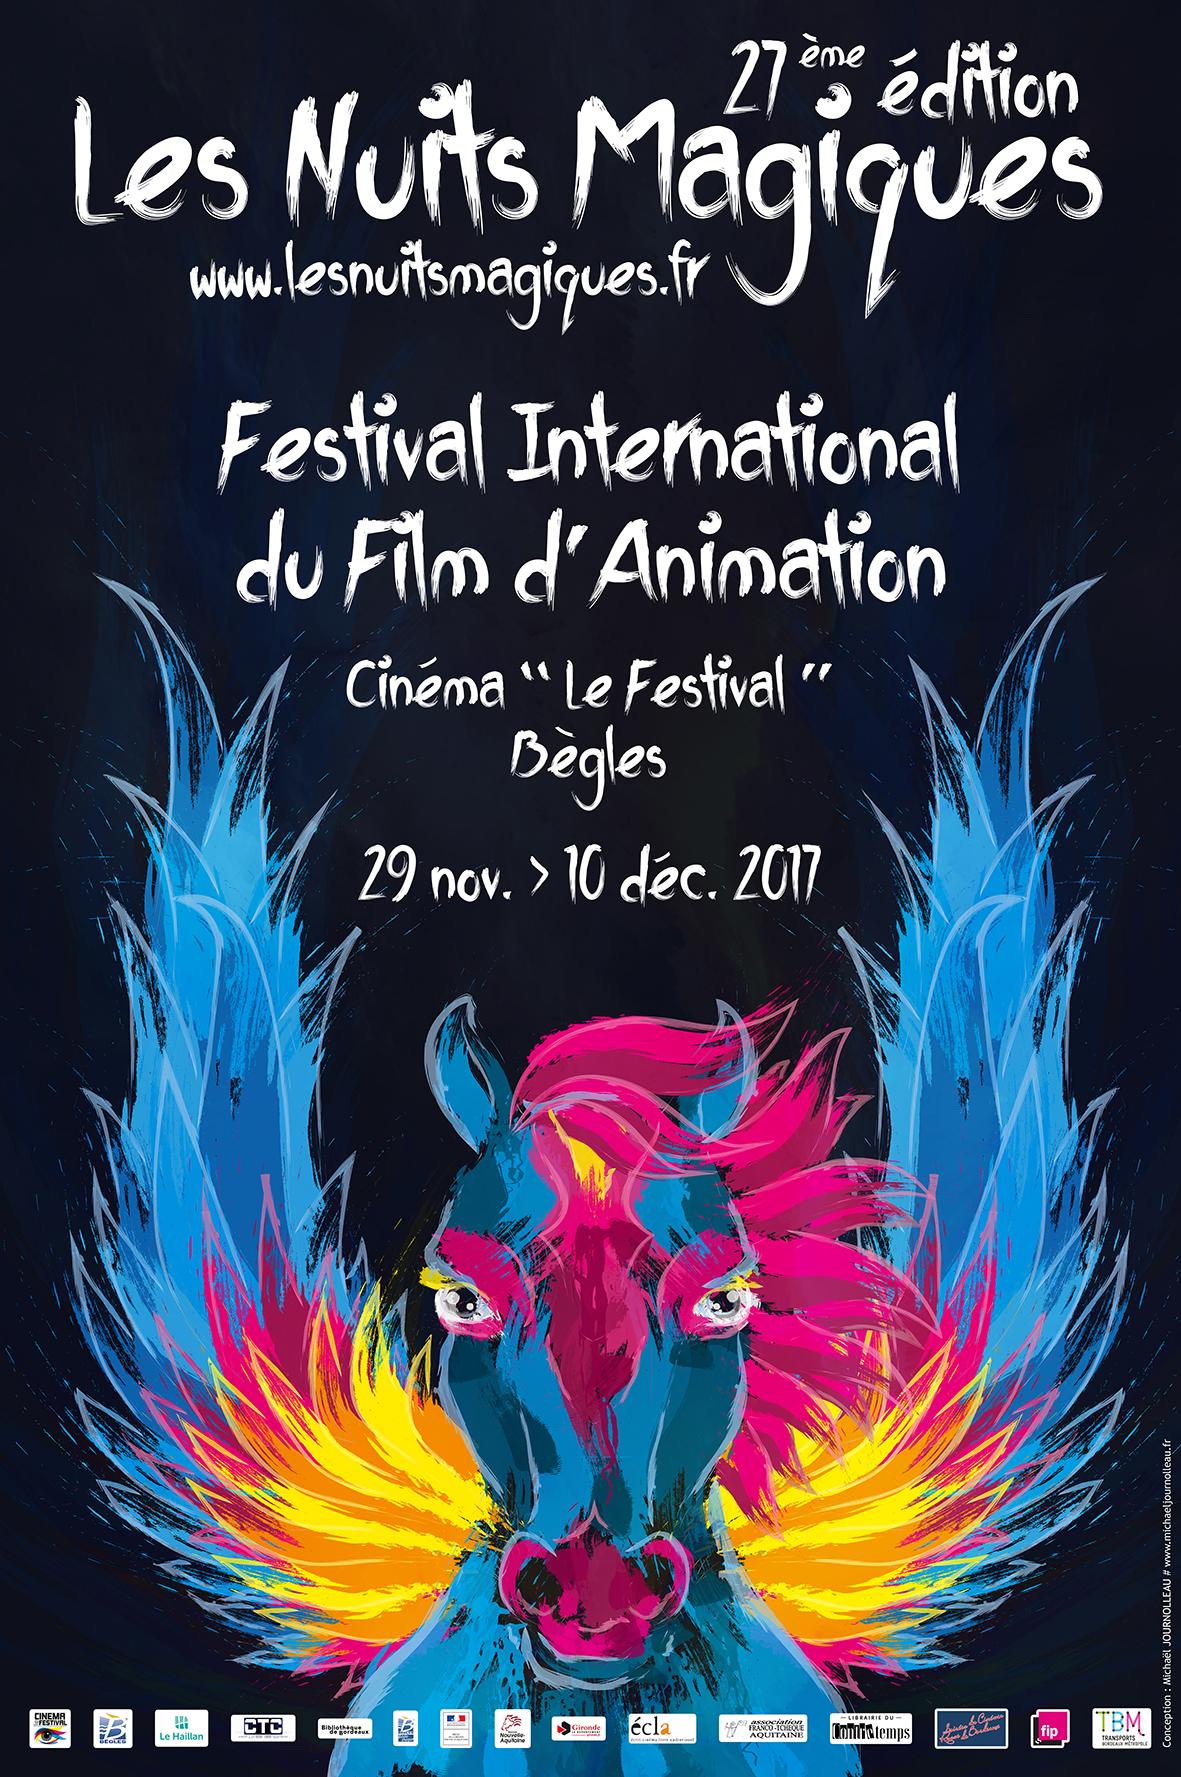 Les Nuits Magiques 2017 – Festival international du film d'animation